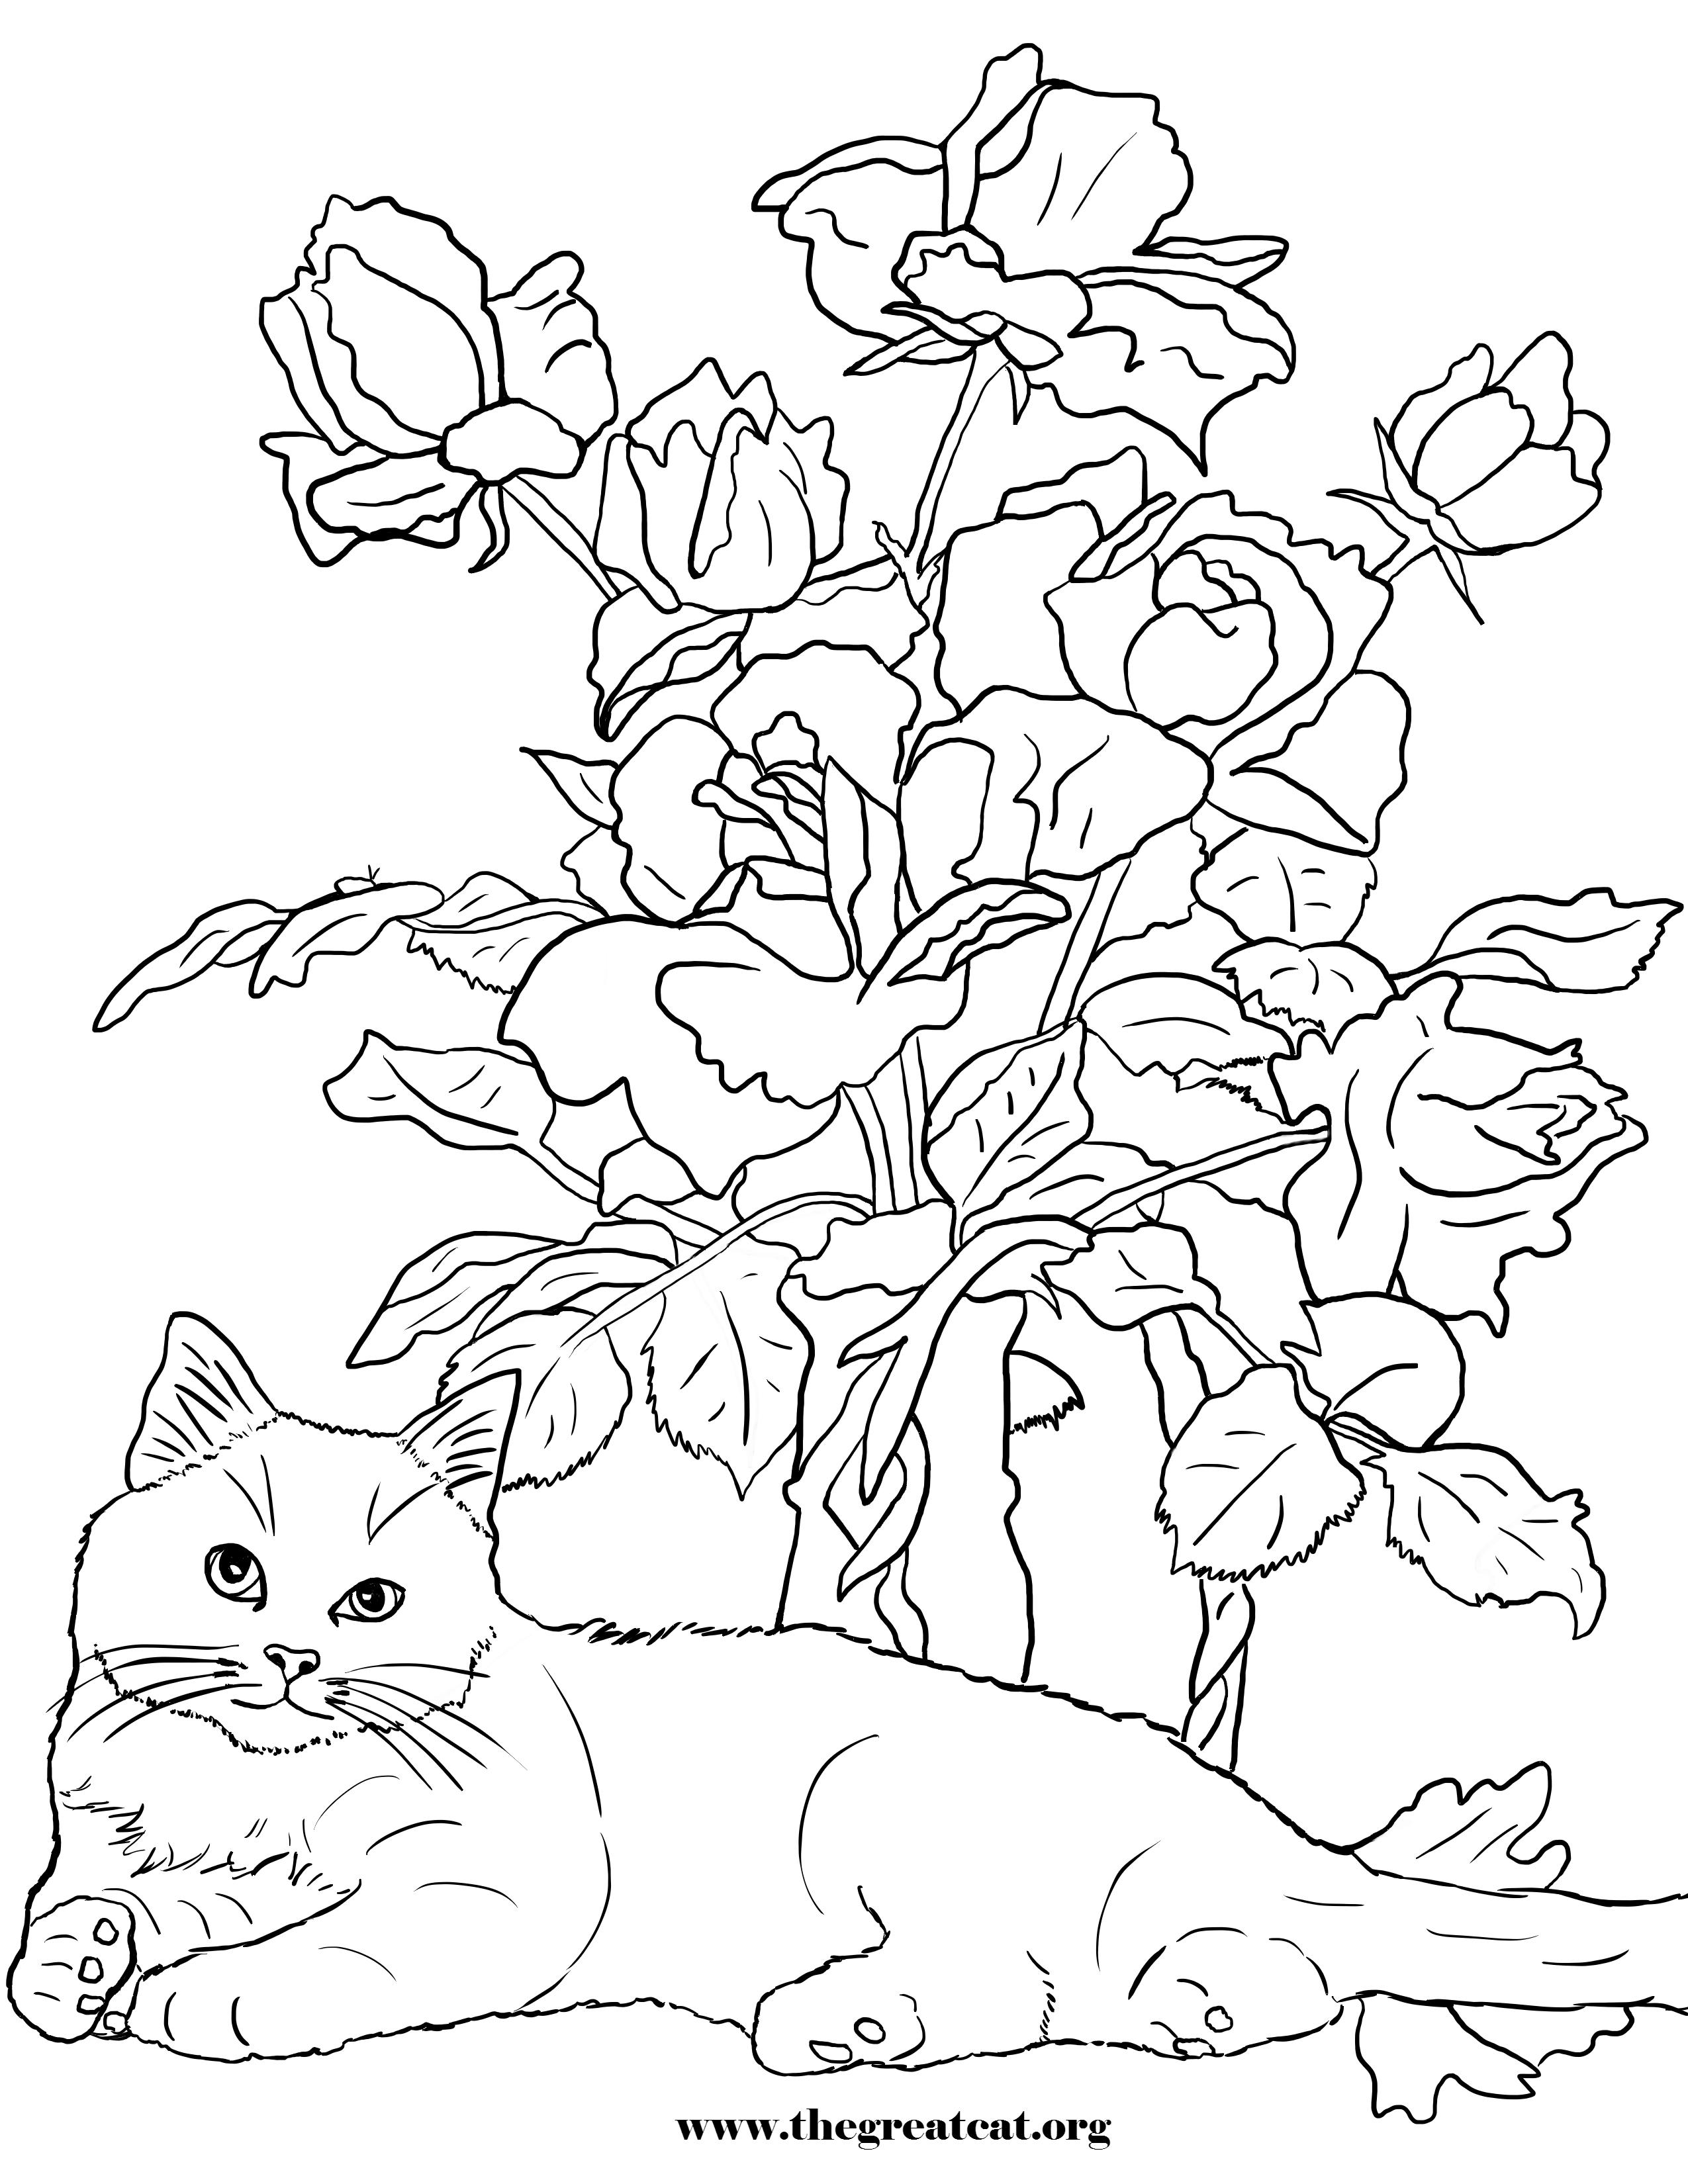 Tranh tô màu chú mèo và cây hoa cực đẹp